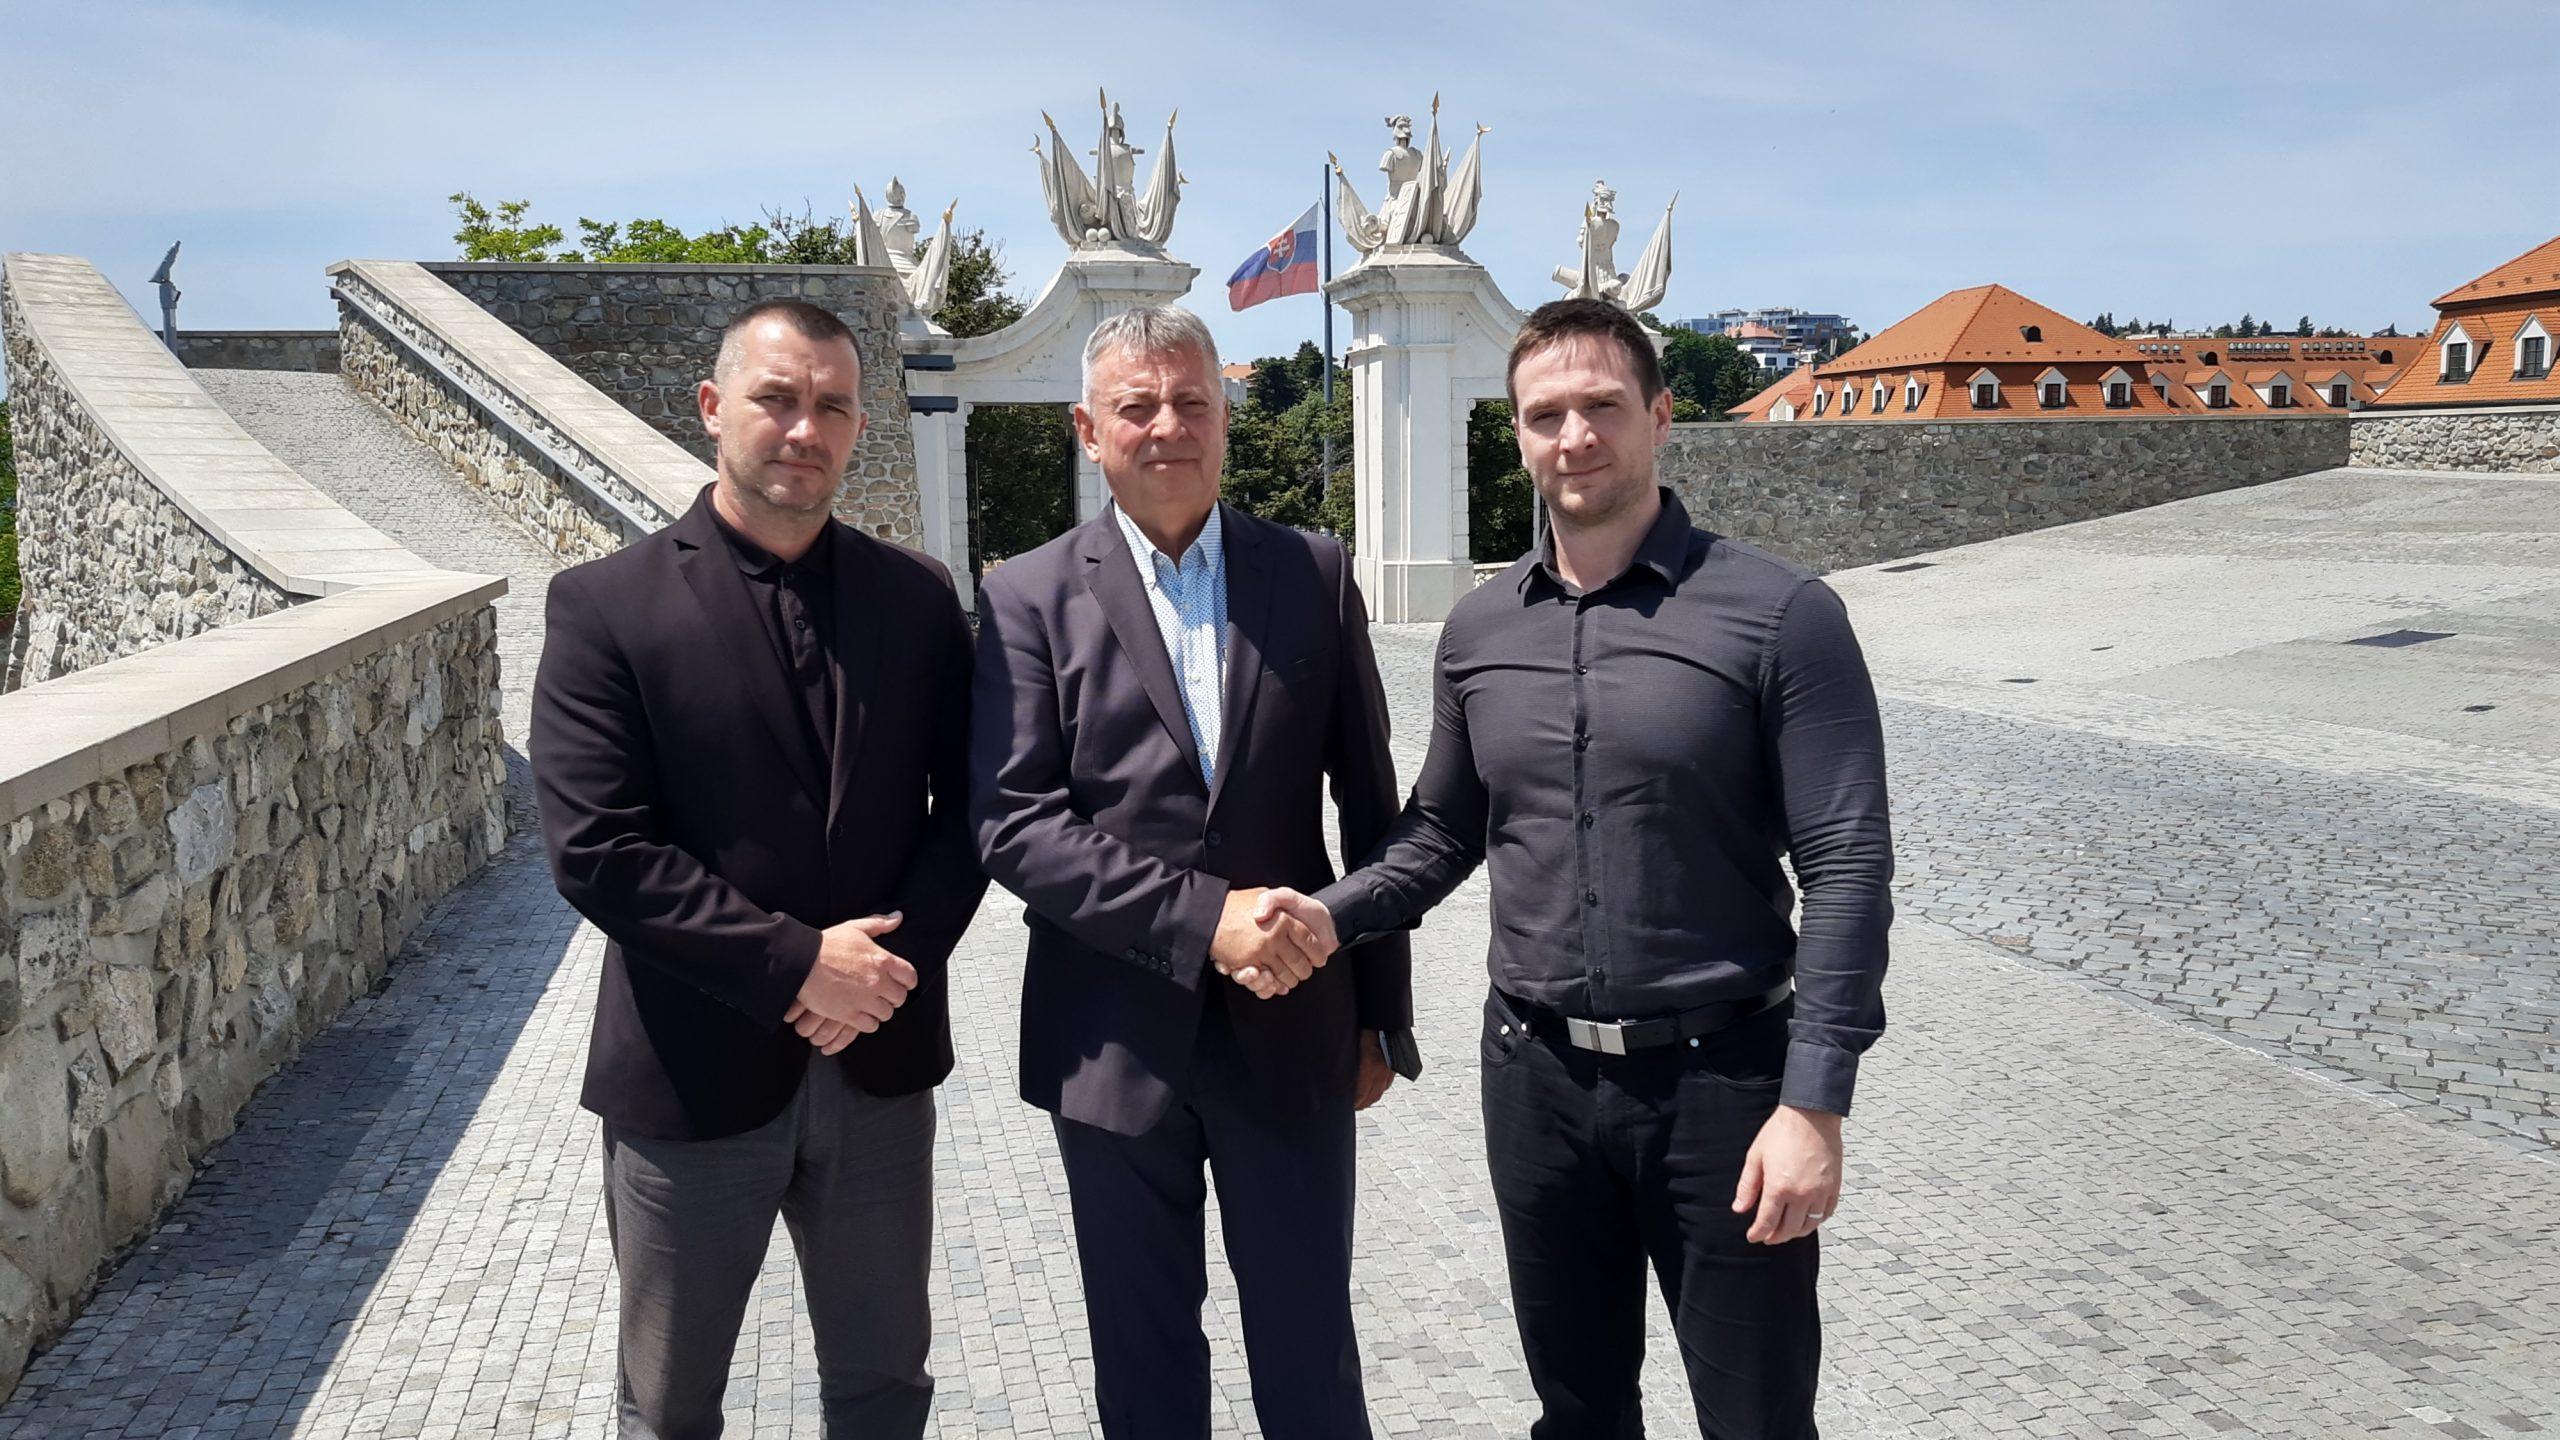 Brigádny generál v.v. PhDr. Jozef Viktorín sa dnes pridal do profesionálneho tímu REPUBLIKY